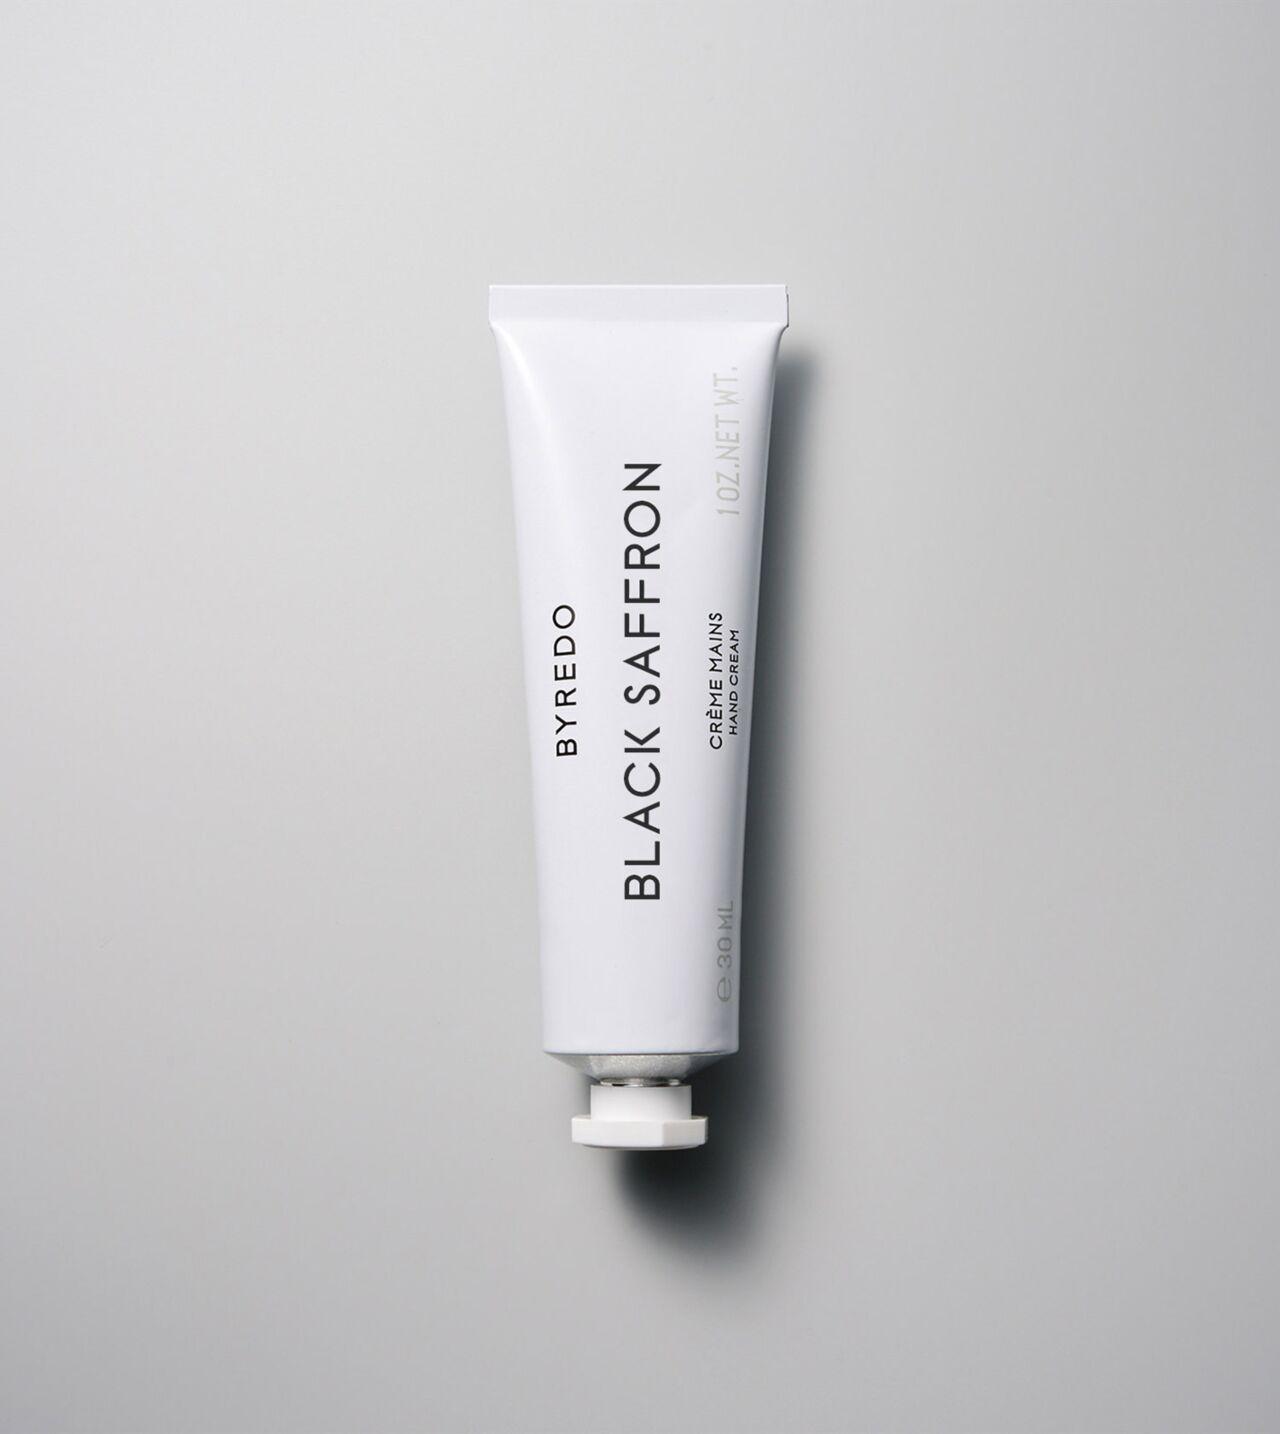 Picture of Byredo Black Saffron Hand cream